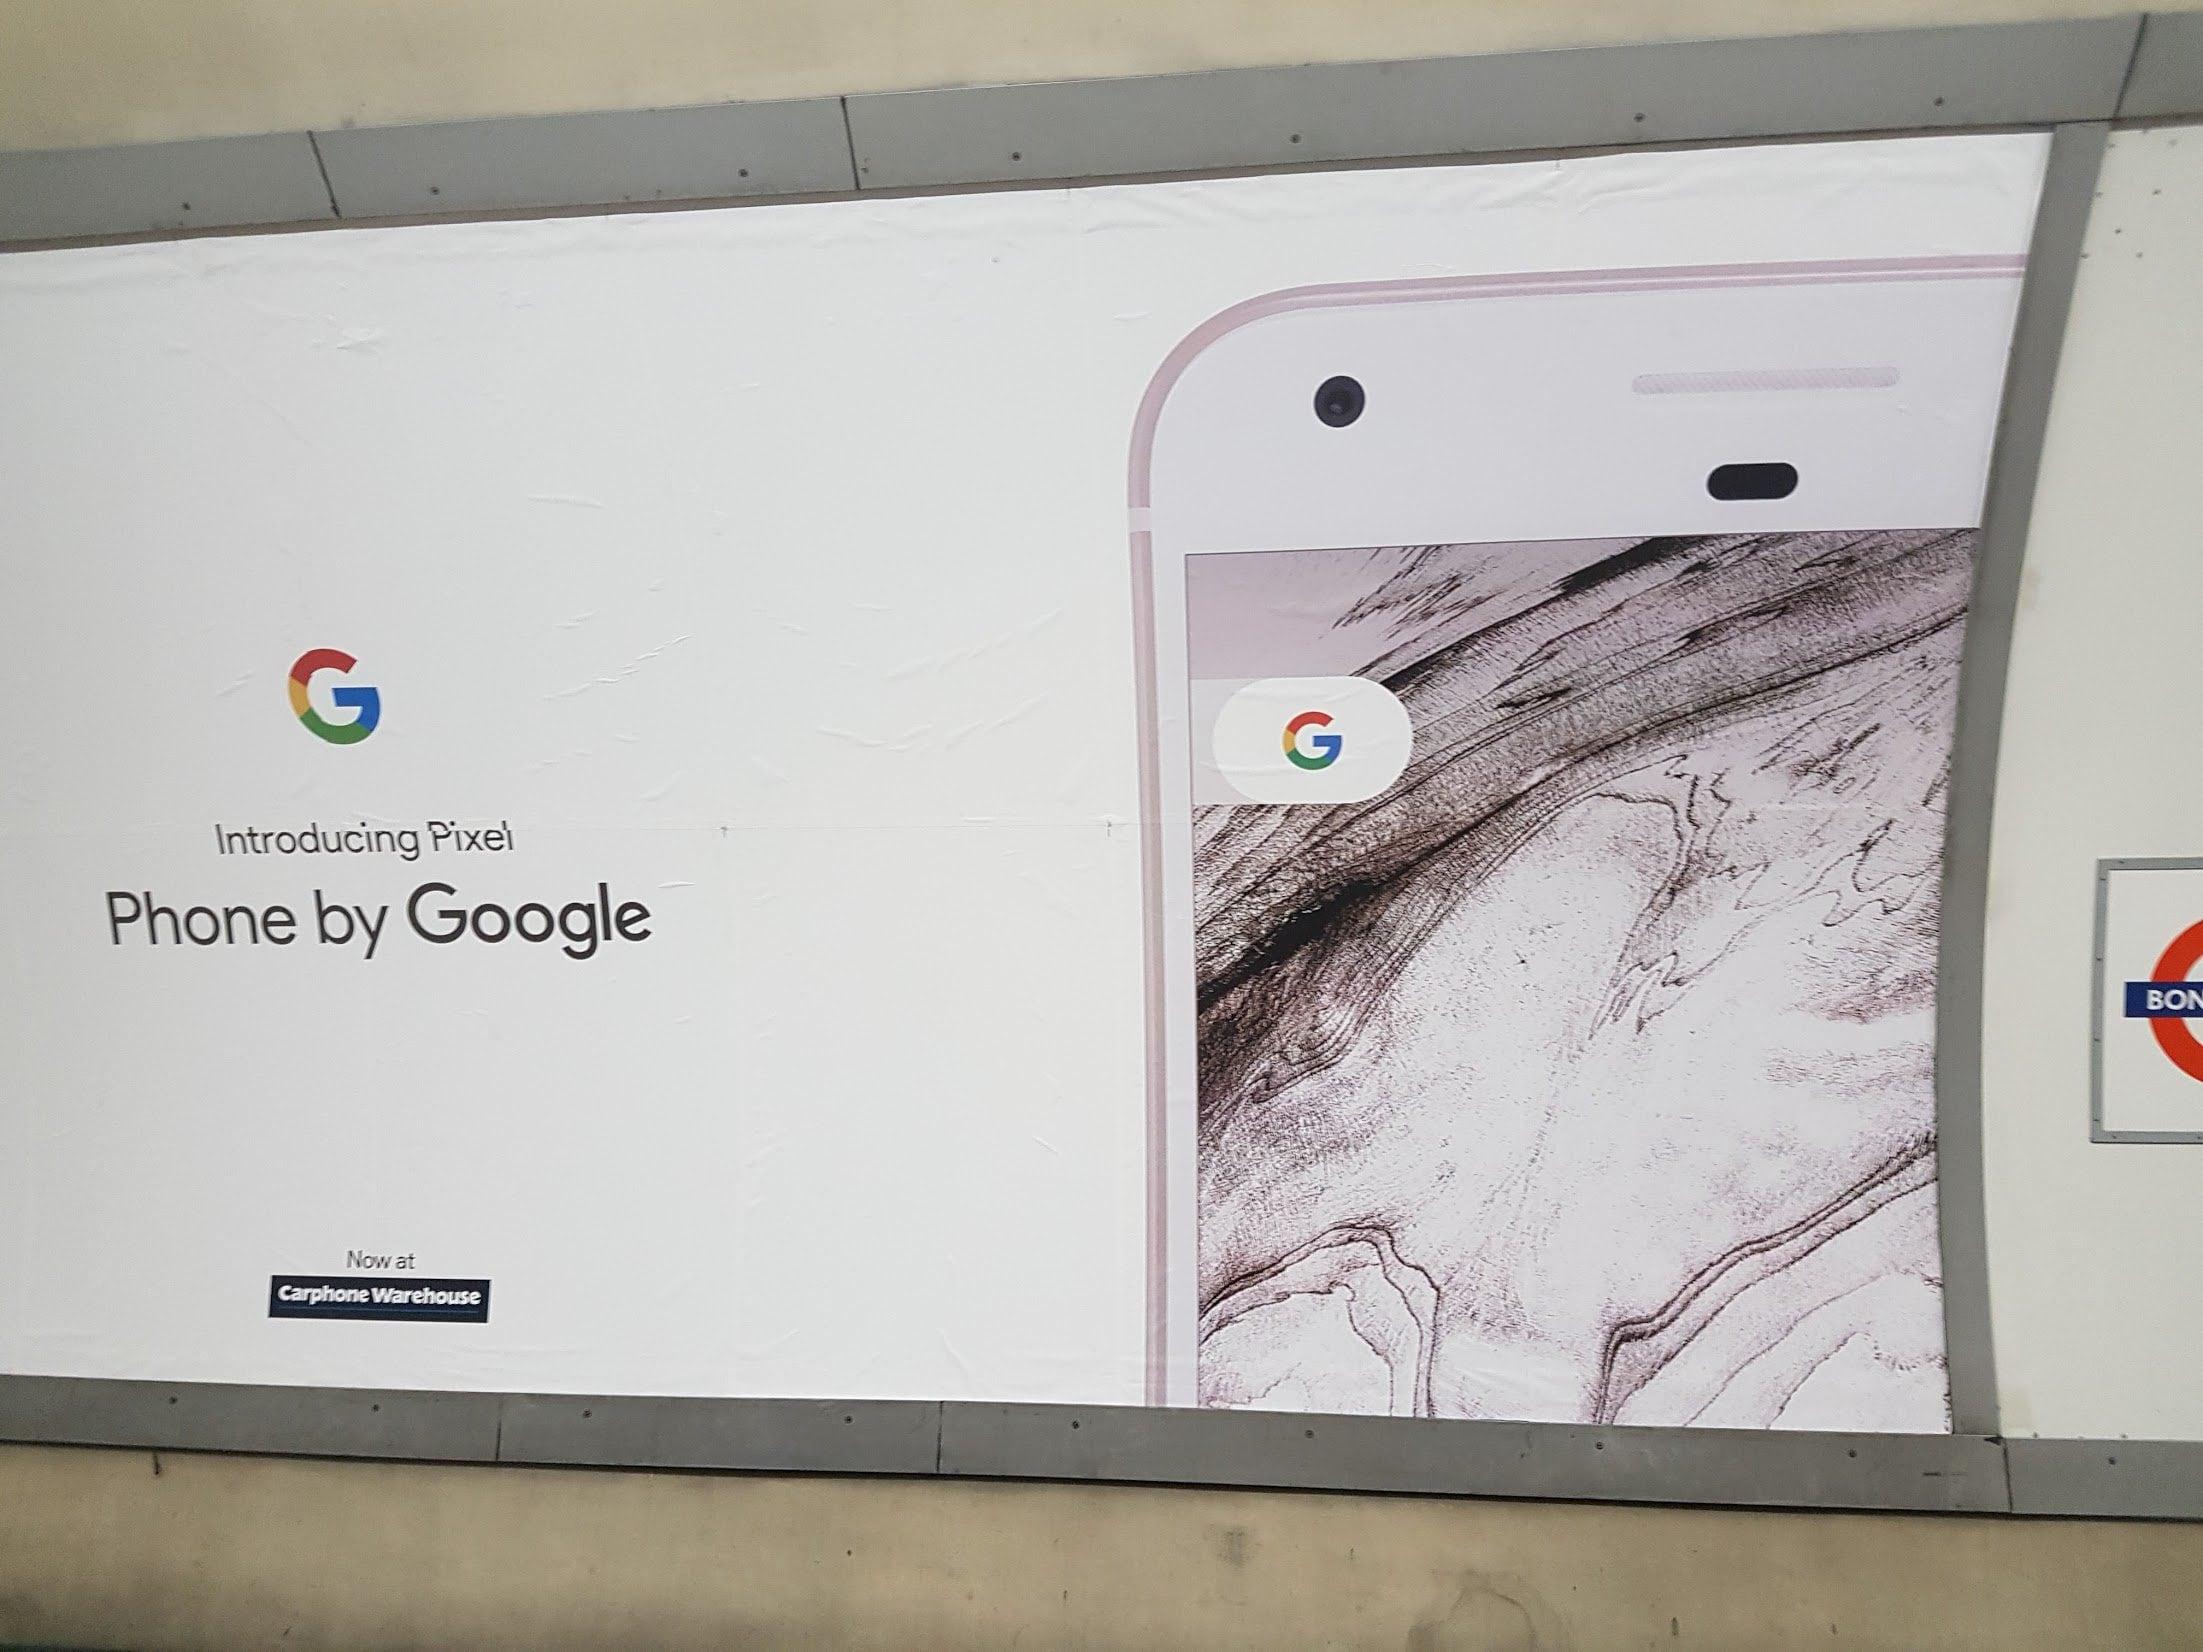 Un mondo fatto di Pixel: Google tappezza le città con la pubblicità dei suoi smartphone (foto)